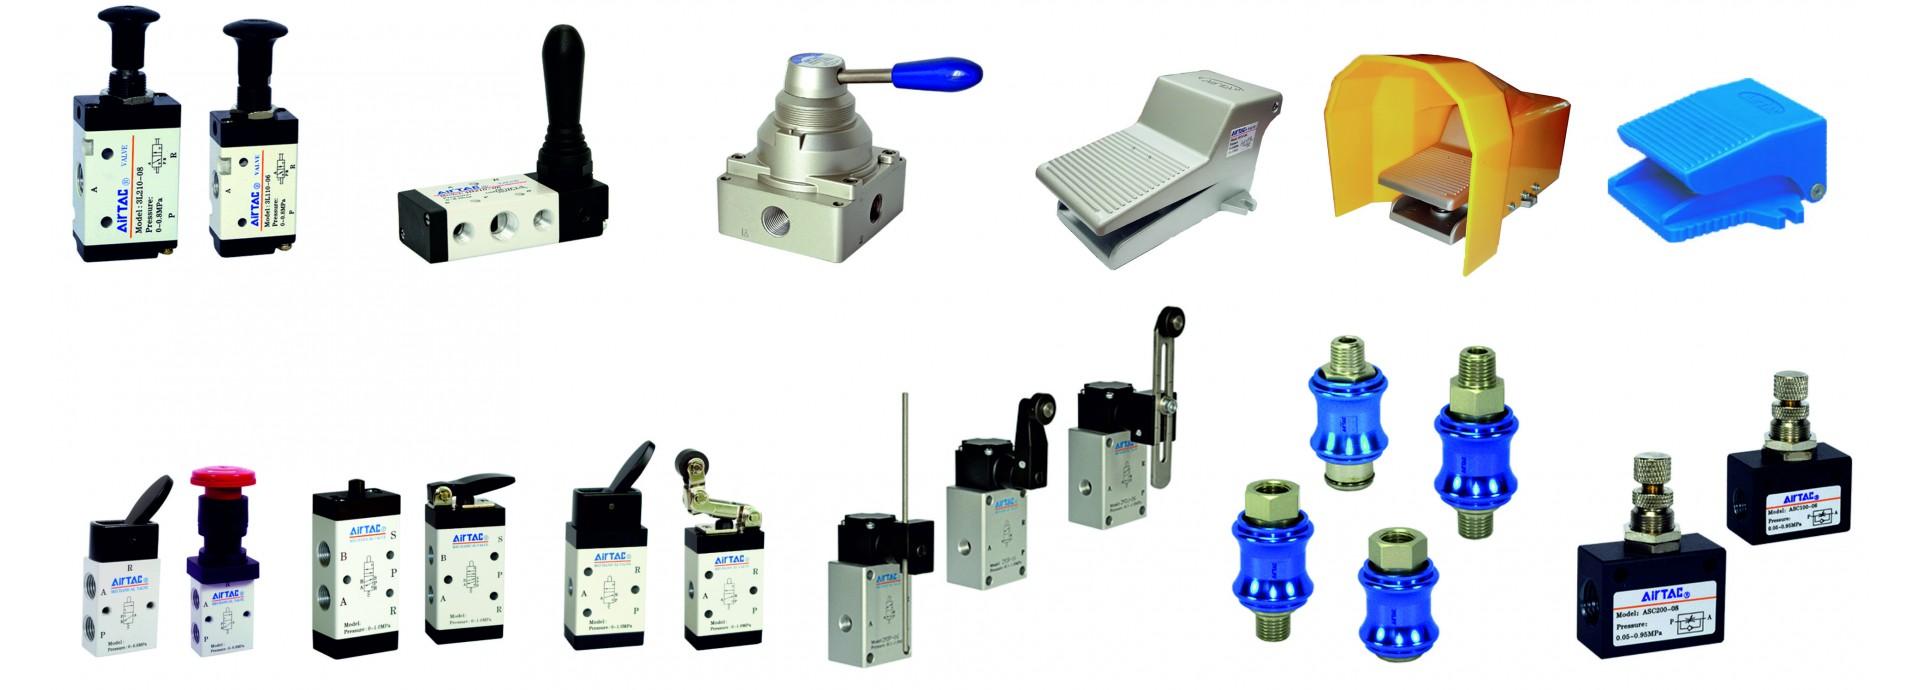 Distribuitoare actionate mecanic